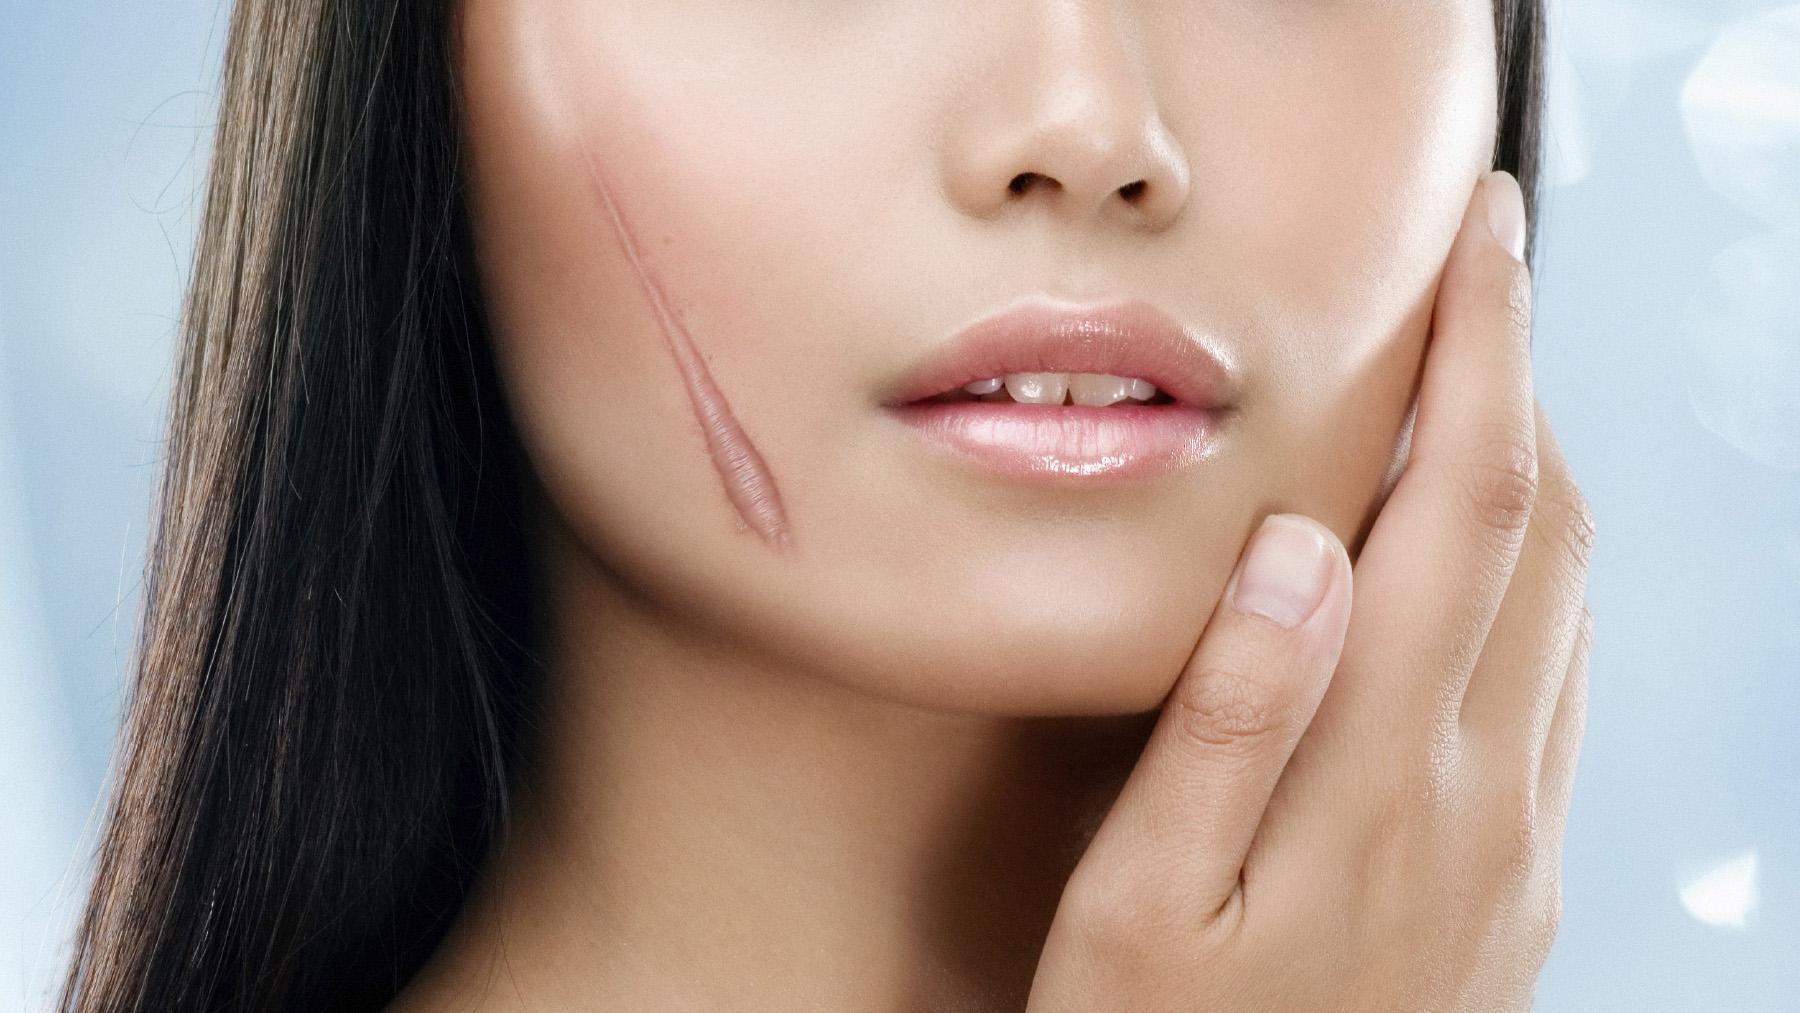 Sẹo lồi là sự phát triển quá mức của các tổ chức xơ sau tổn thương da, của số lượng và trật tự của các mô sợi trong lớp bì